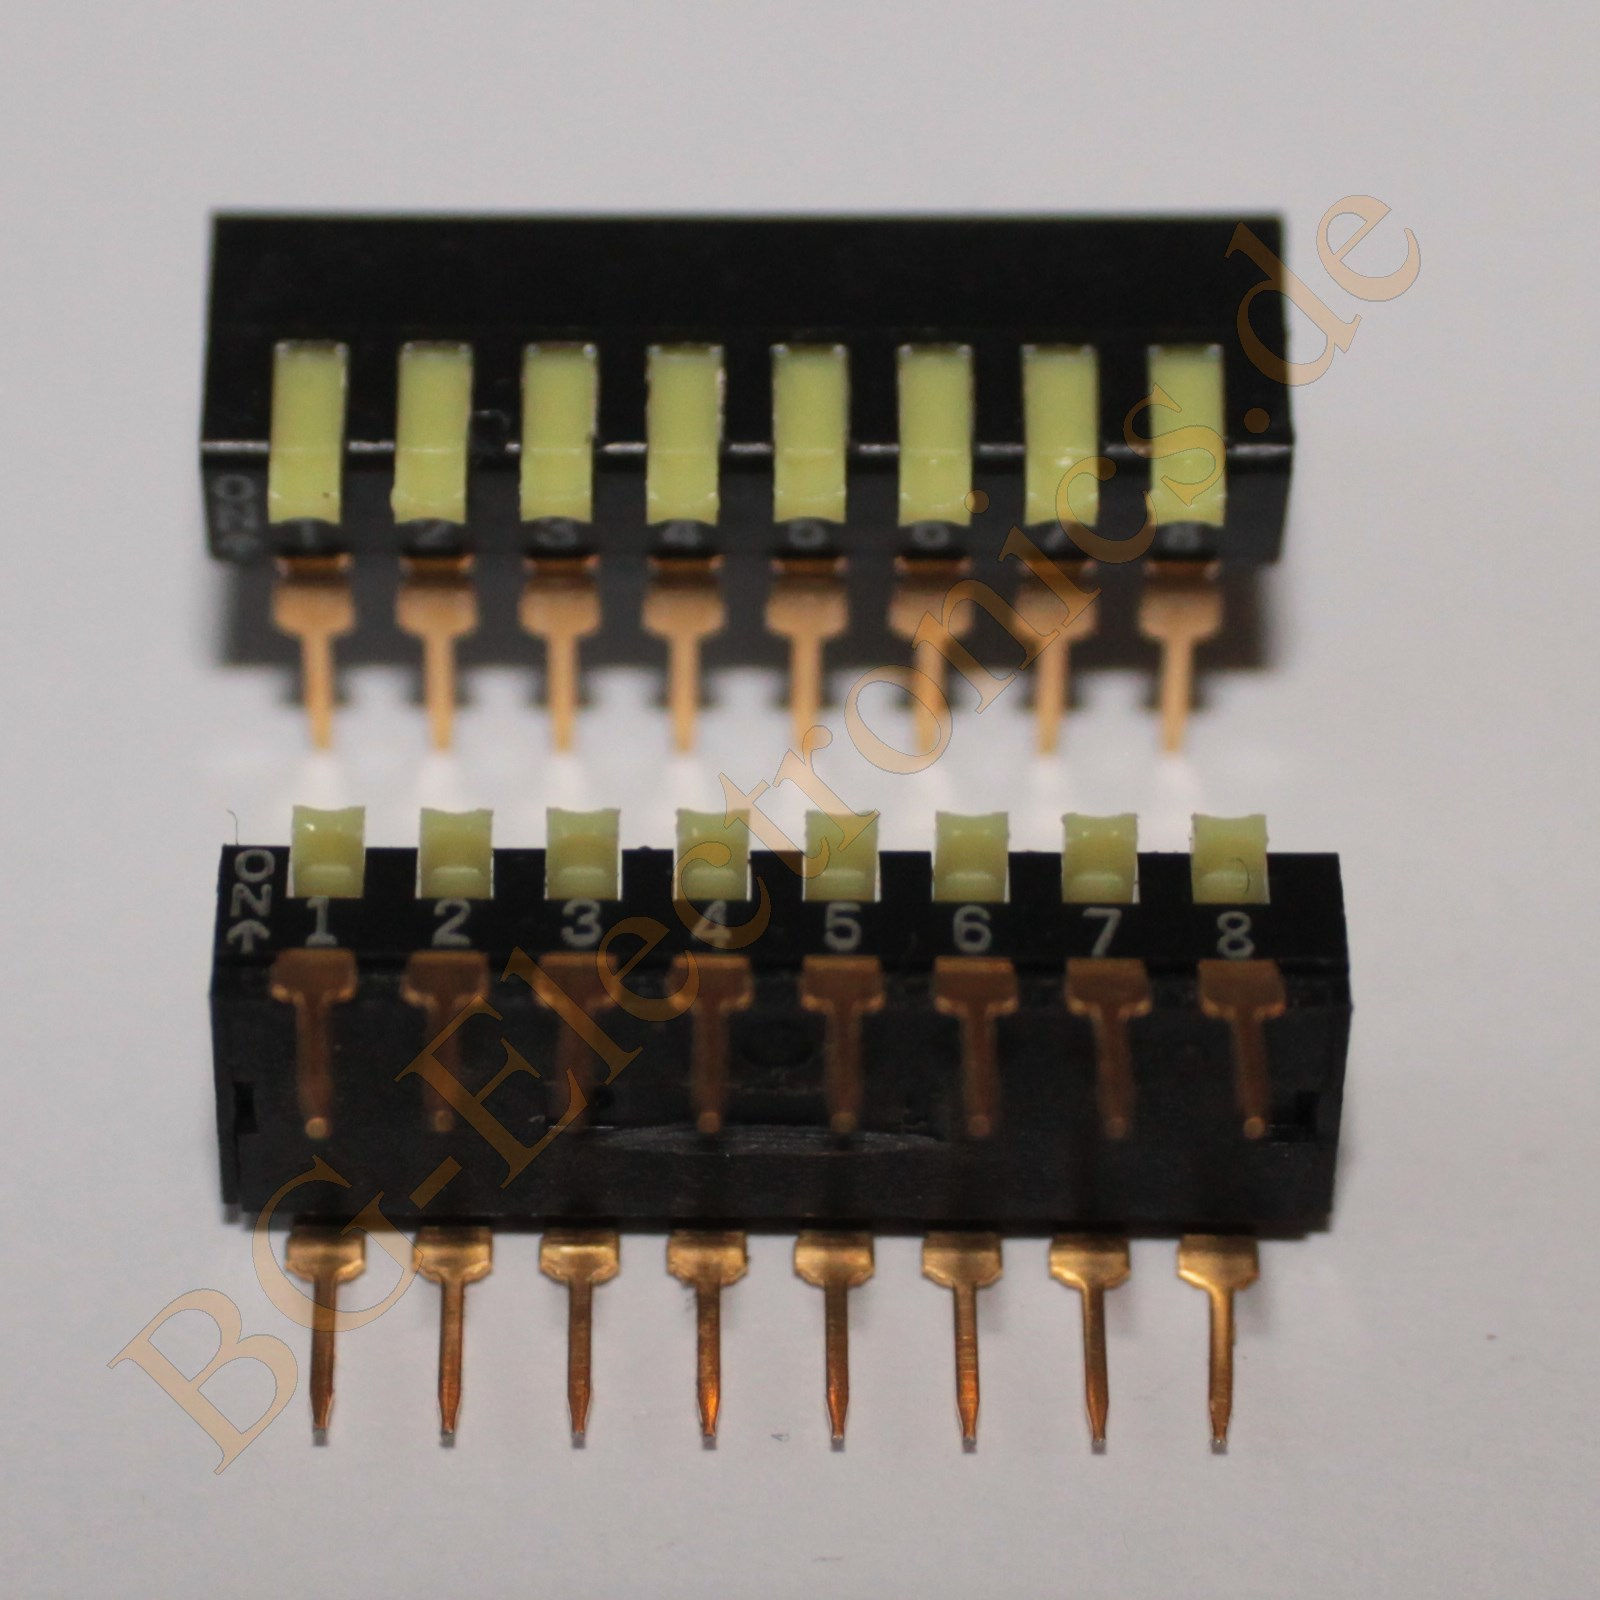 1-x-DIPS-8POL-DPS808-Dipschalter-Knitter-DIP-16-1pcs